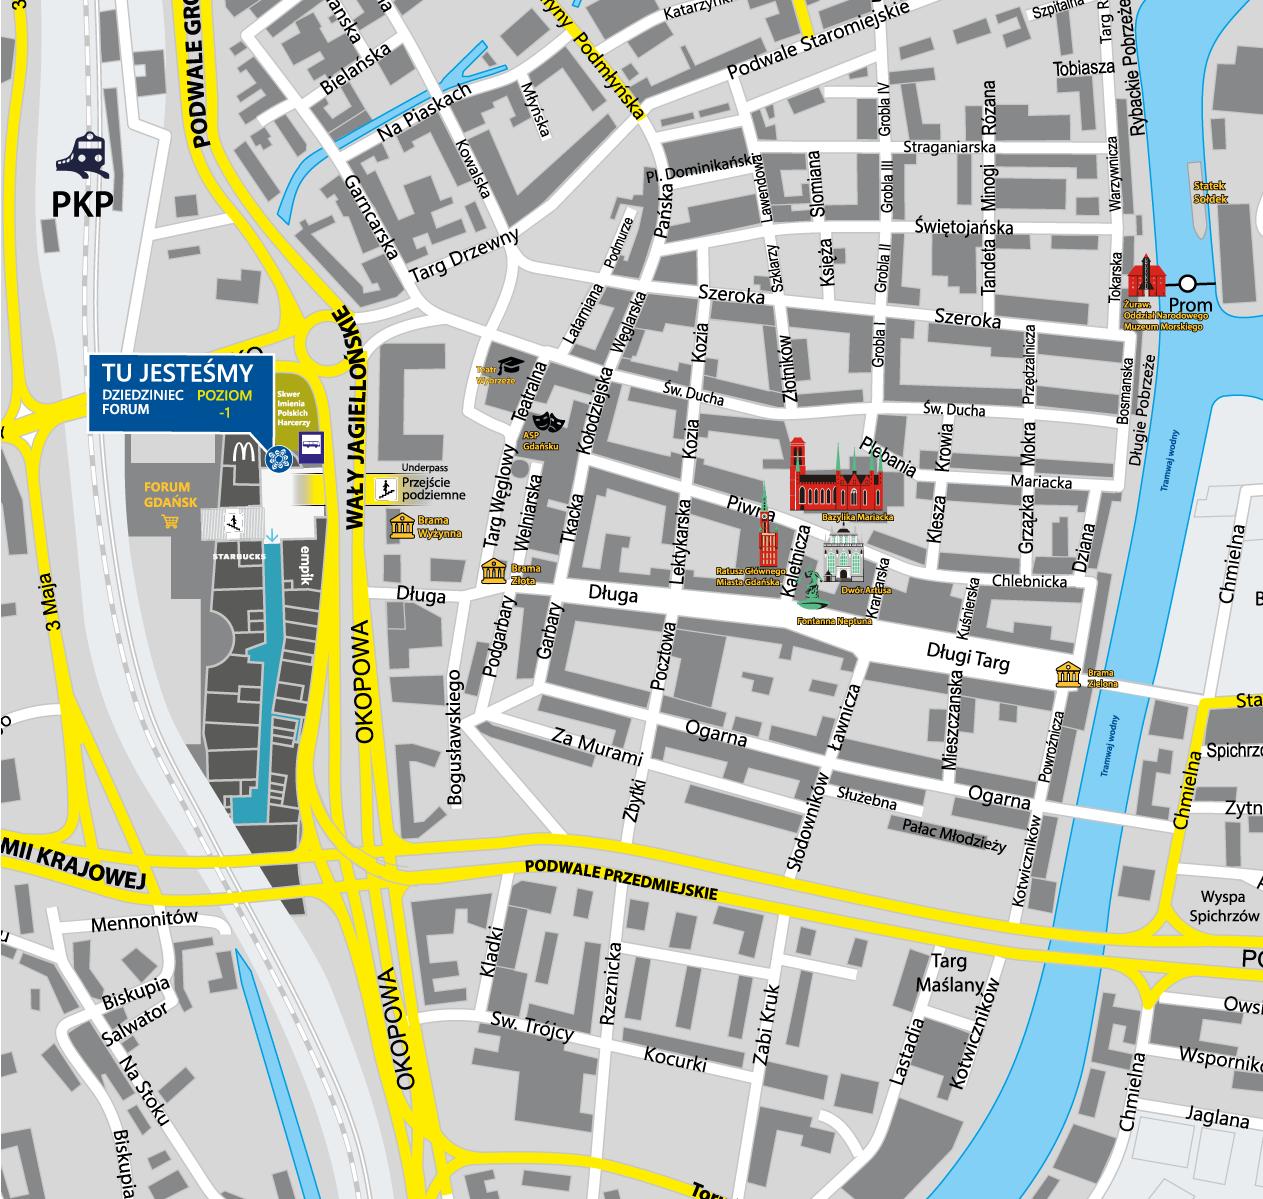 Mapa - jak trafić do Folkstar w Gdańsku